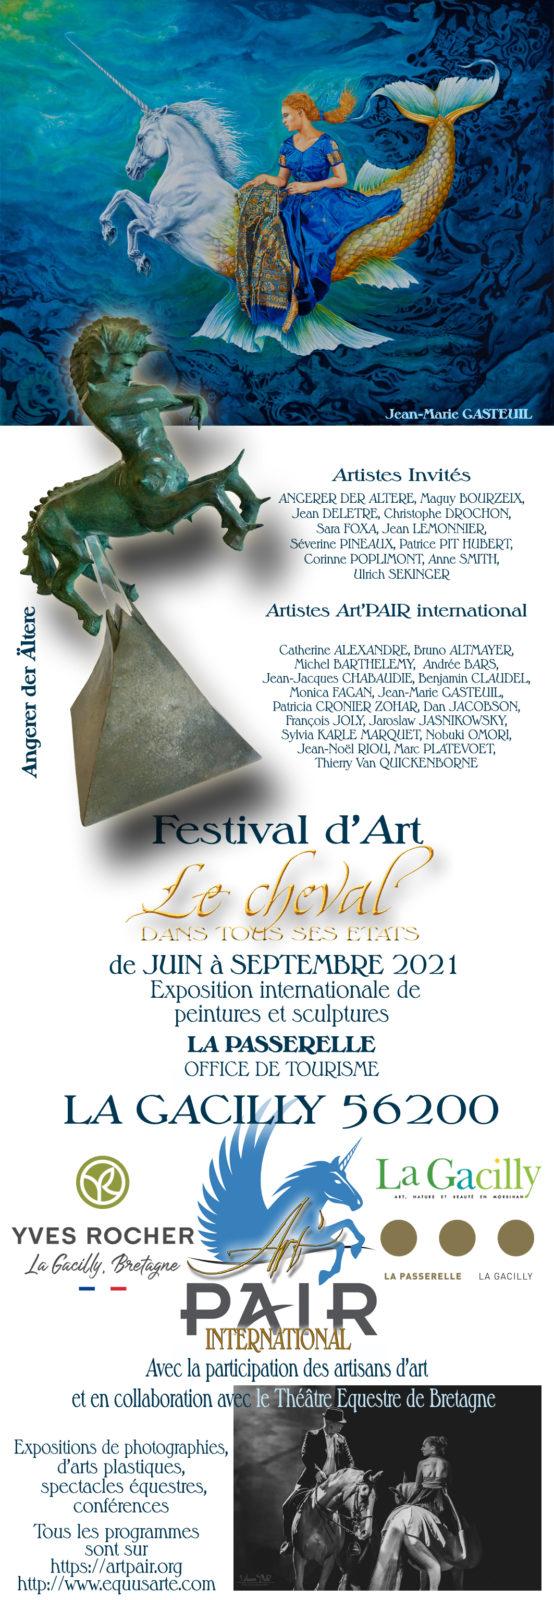 Plakat - Festival d'Art